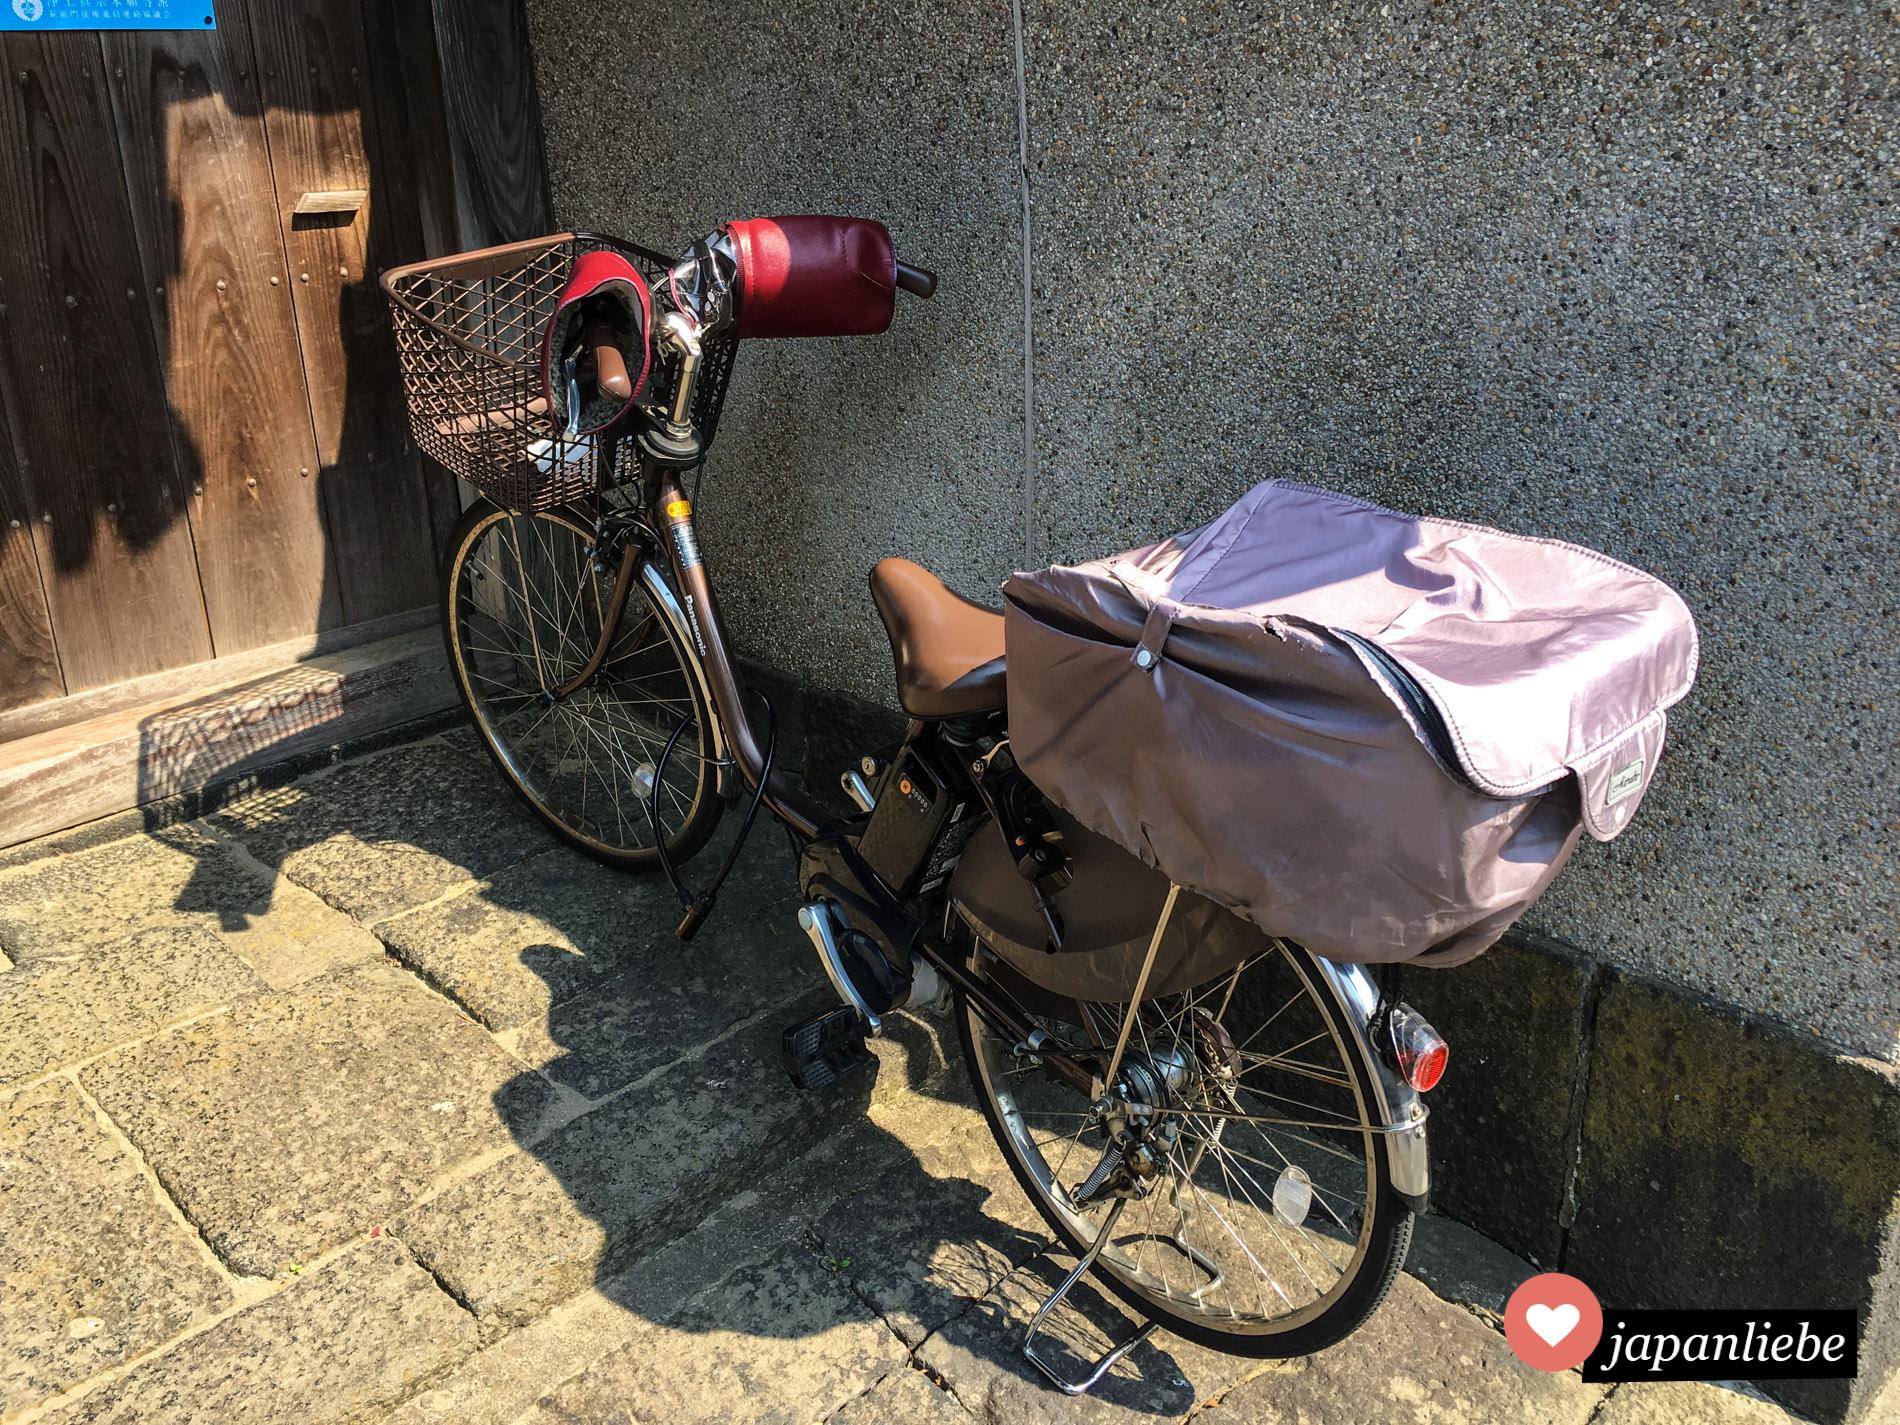 Ein Fahrrad in Japan mit festmontiertem Sonnenschutz an den Griffen.